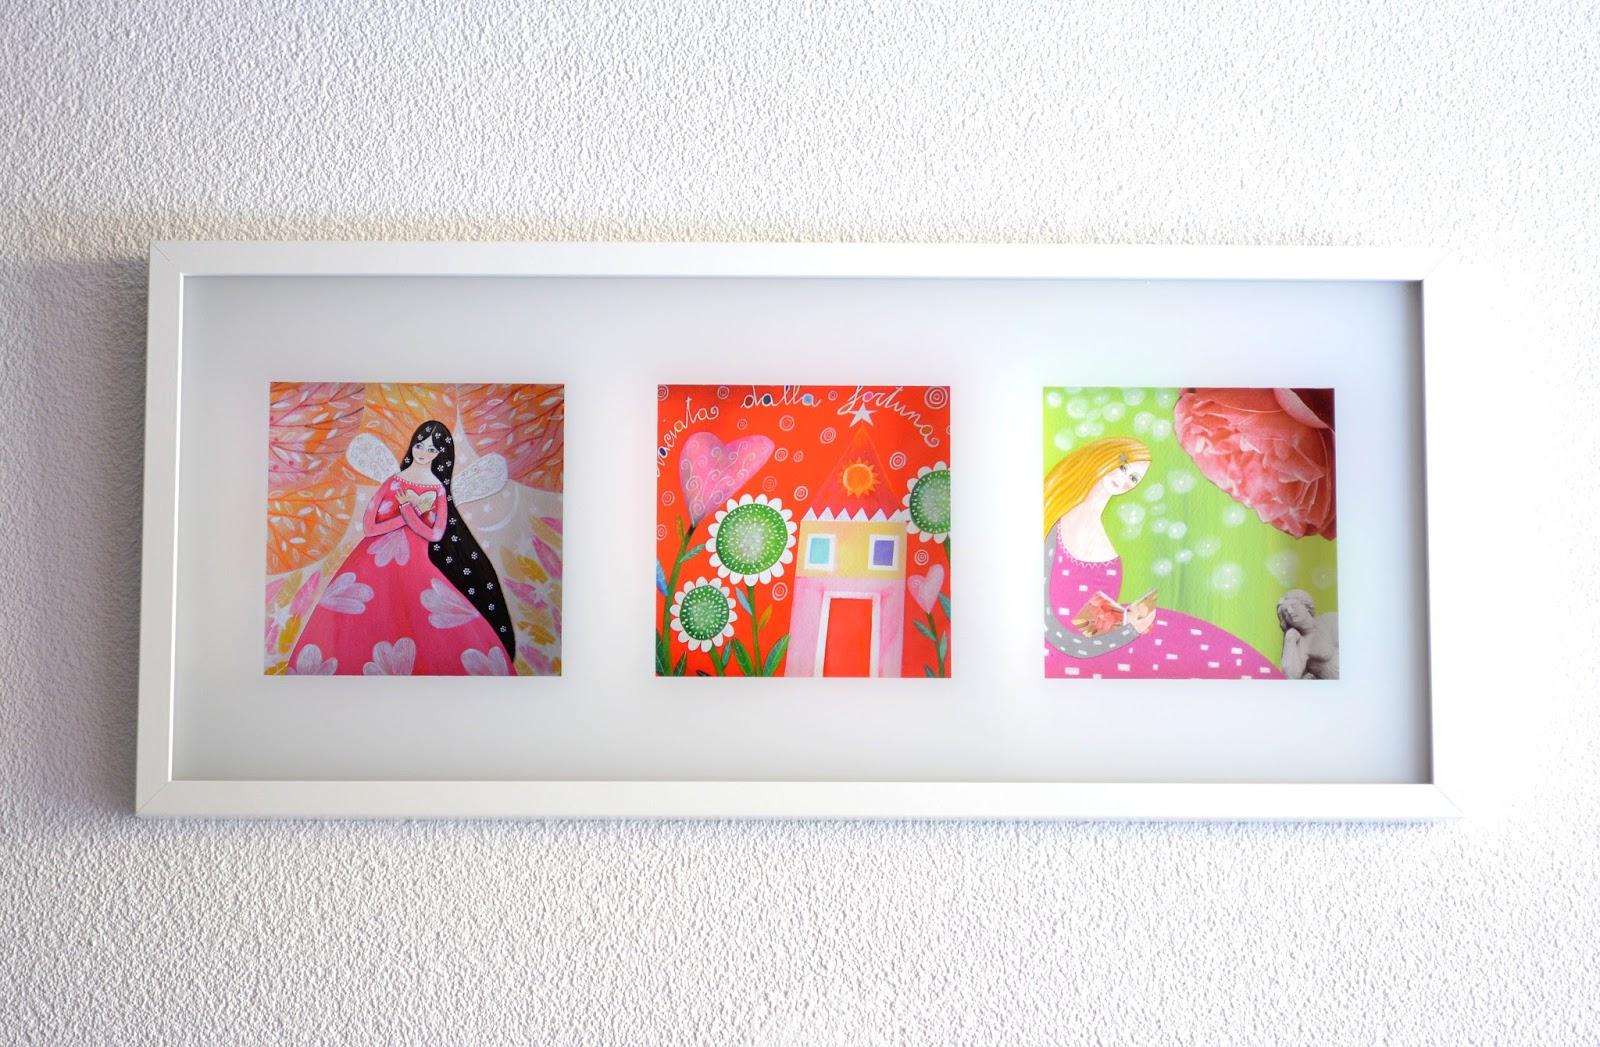 Lo stile di gi i miei regali handmade le stampe di tiziana rinaldi for Ikea quadri stampe